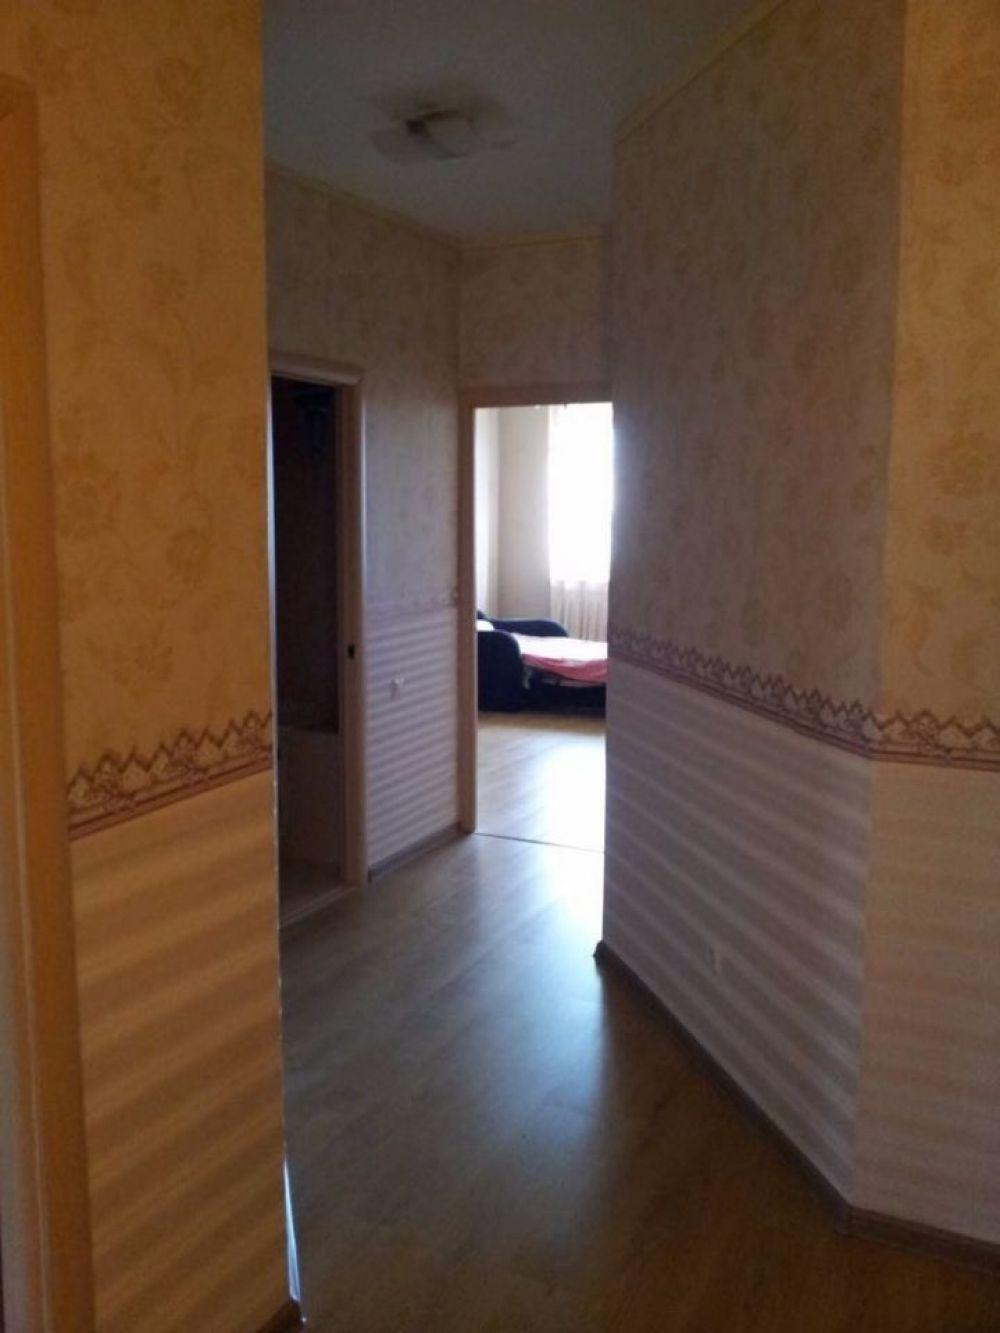 2-к квартира, п. Аничково, д.6, фото 10